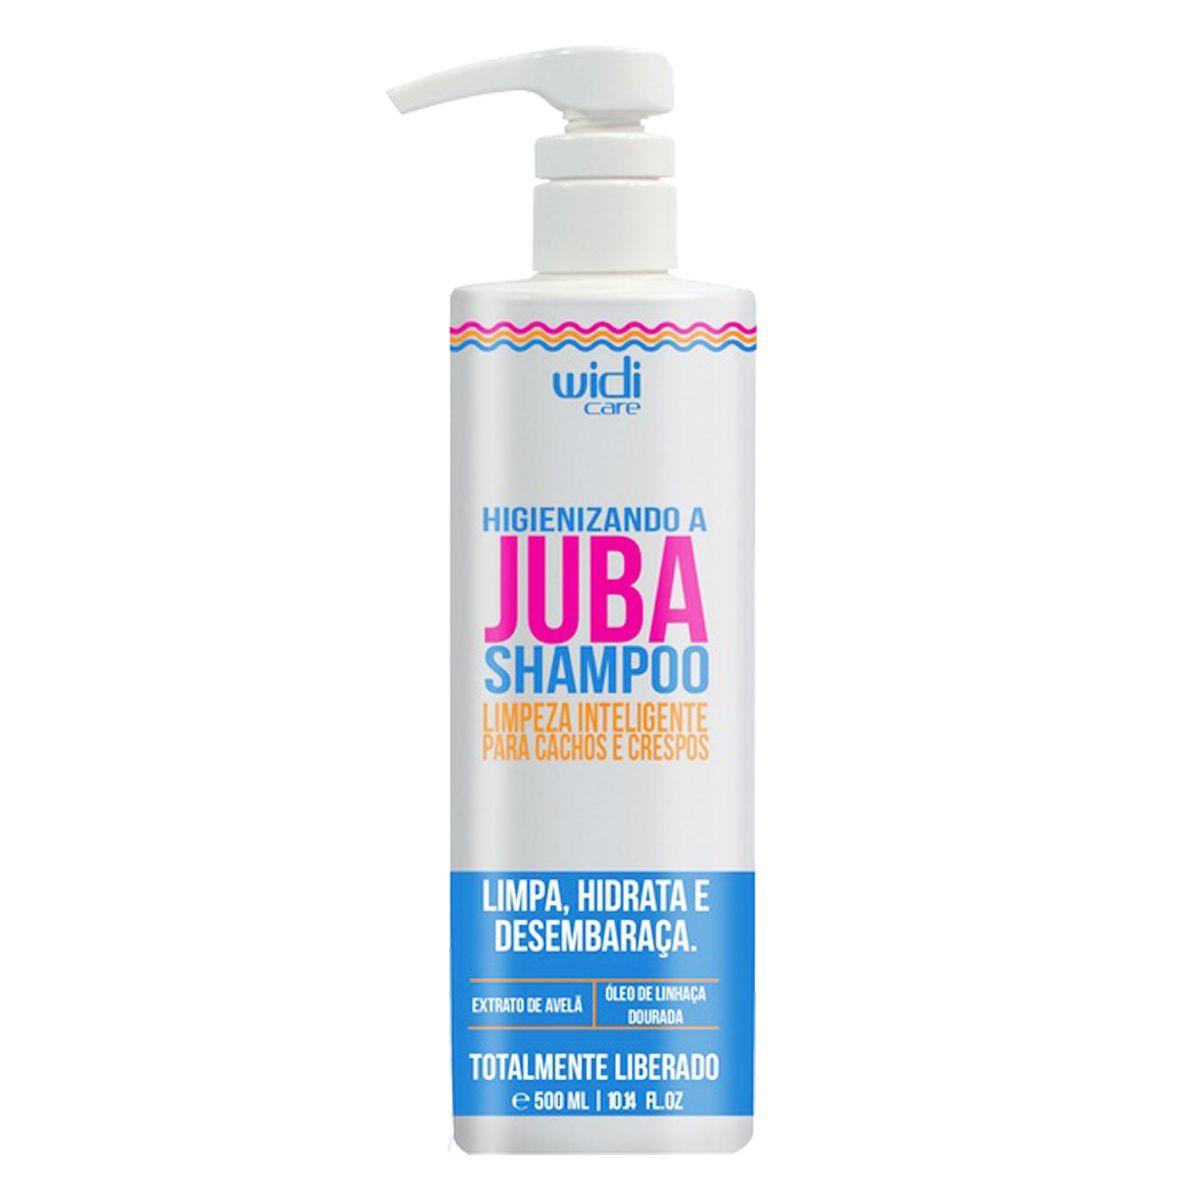 Widi Care - Juba - Shampoo - 500ml